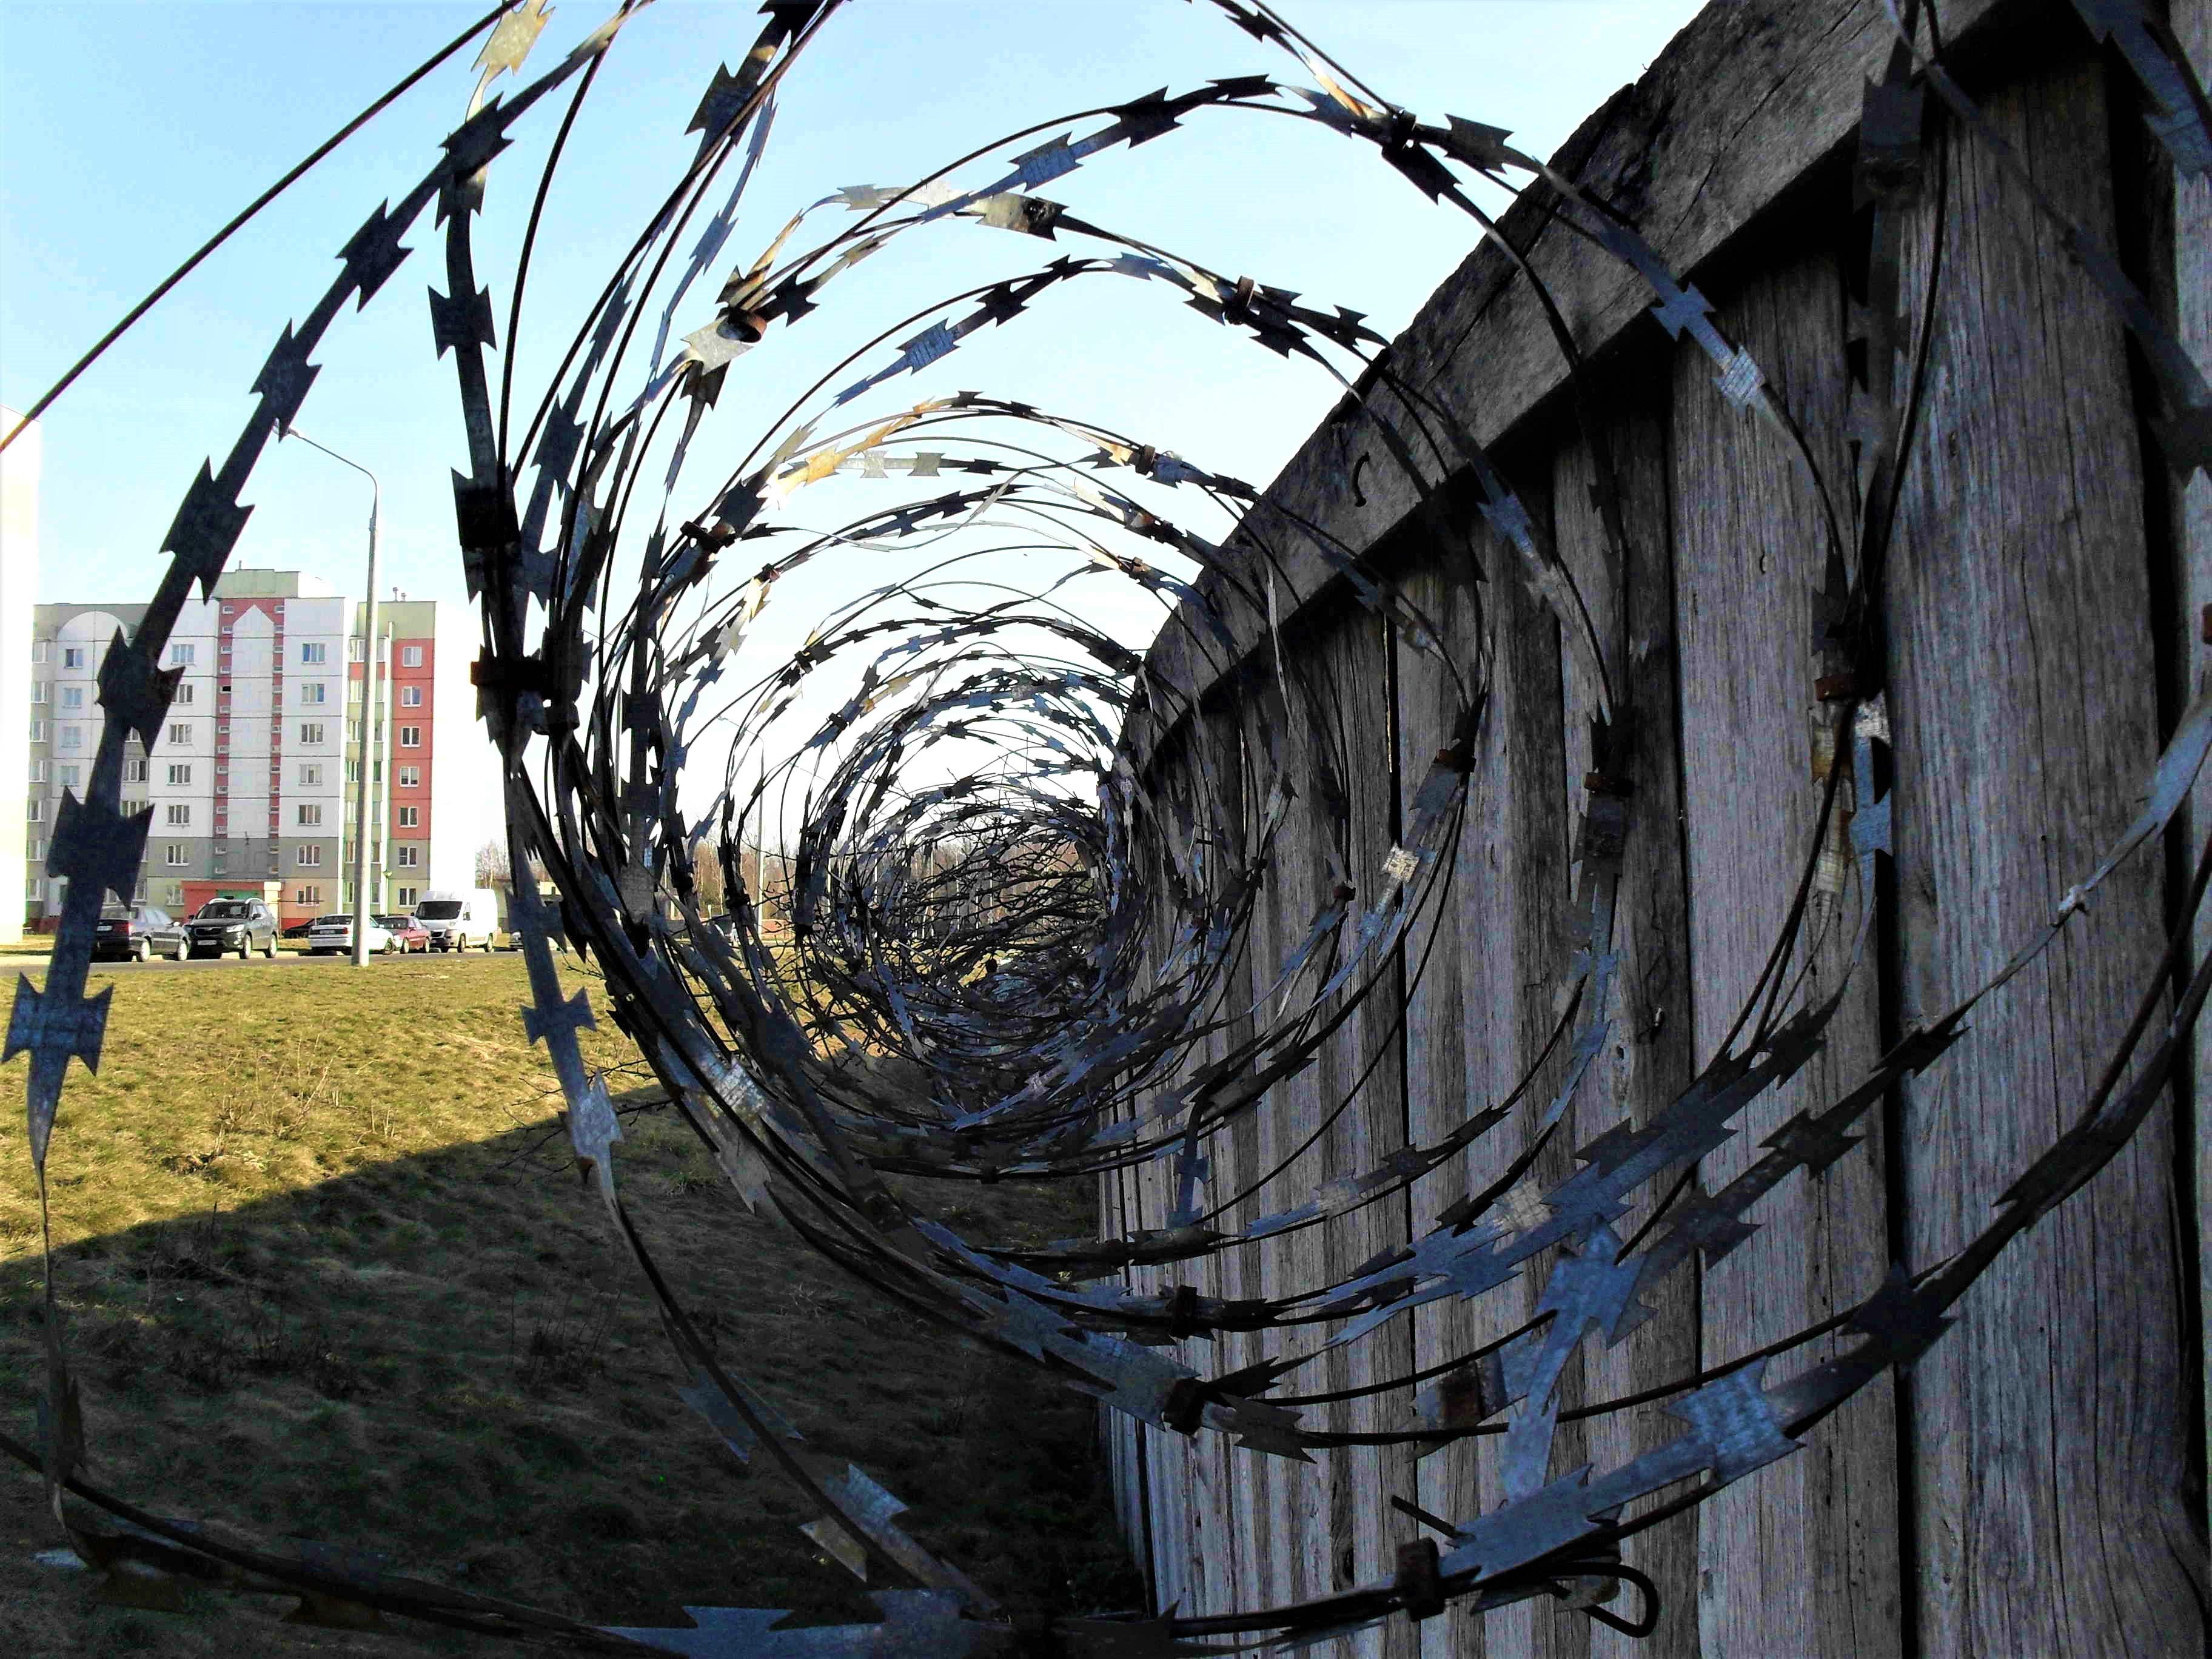 Воспитательная колония №2: как живут подростки в месте на окраине Бобруйска, которое похоже на концлагерь.